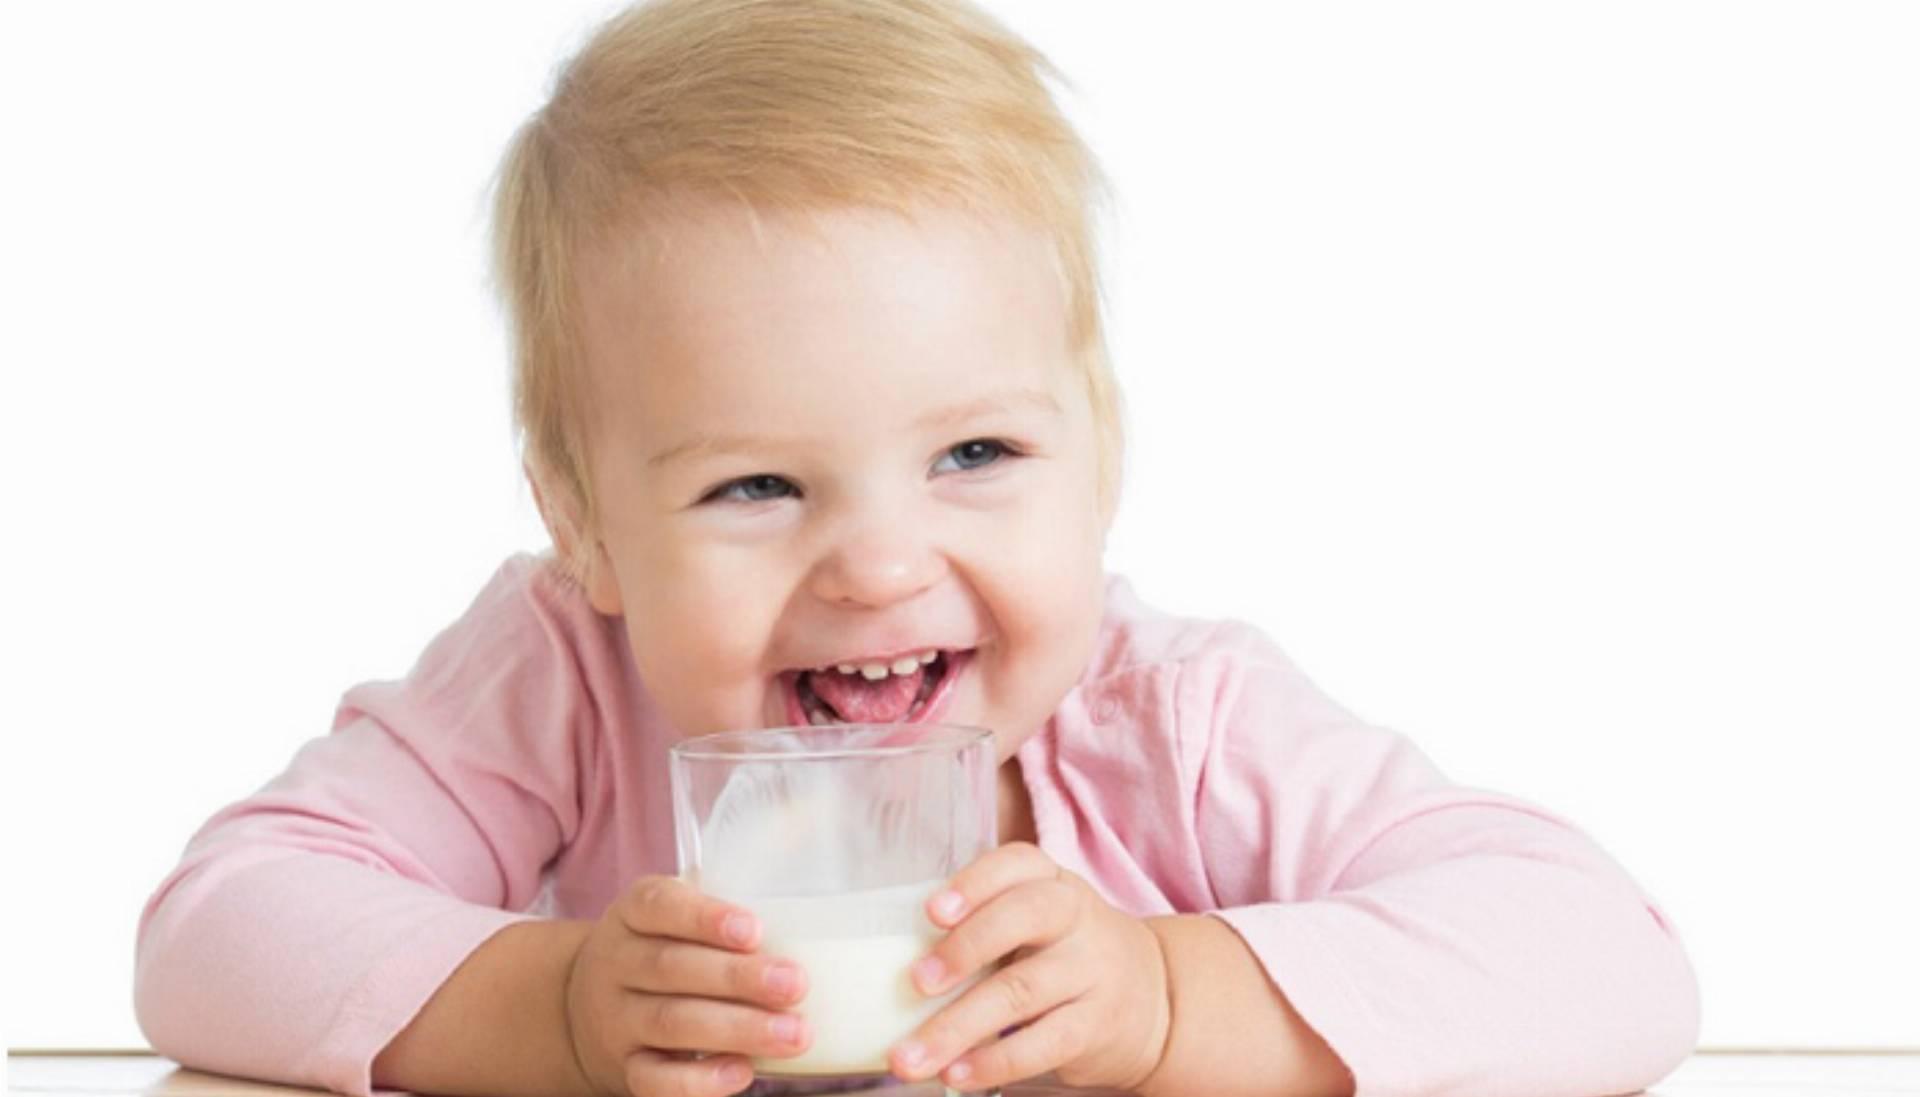 mleko-uht-czy-podawać-dzieciom